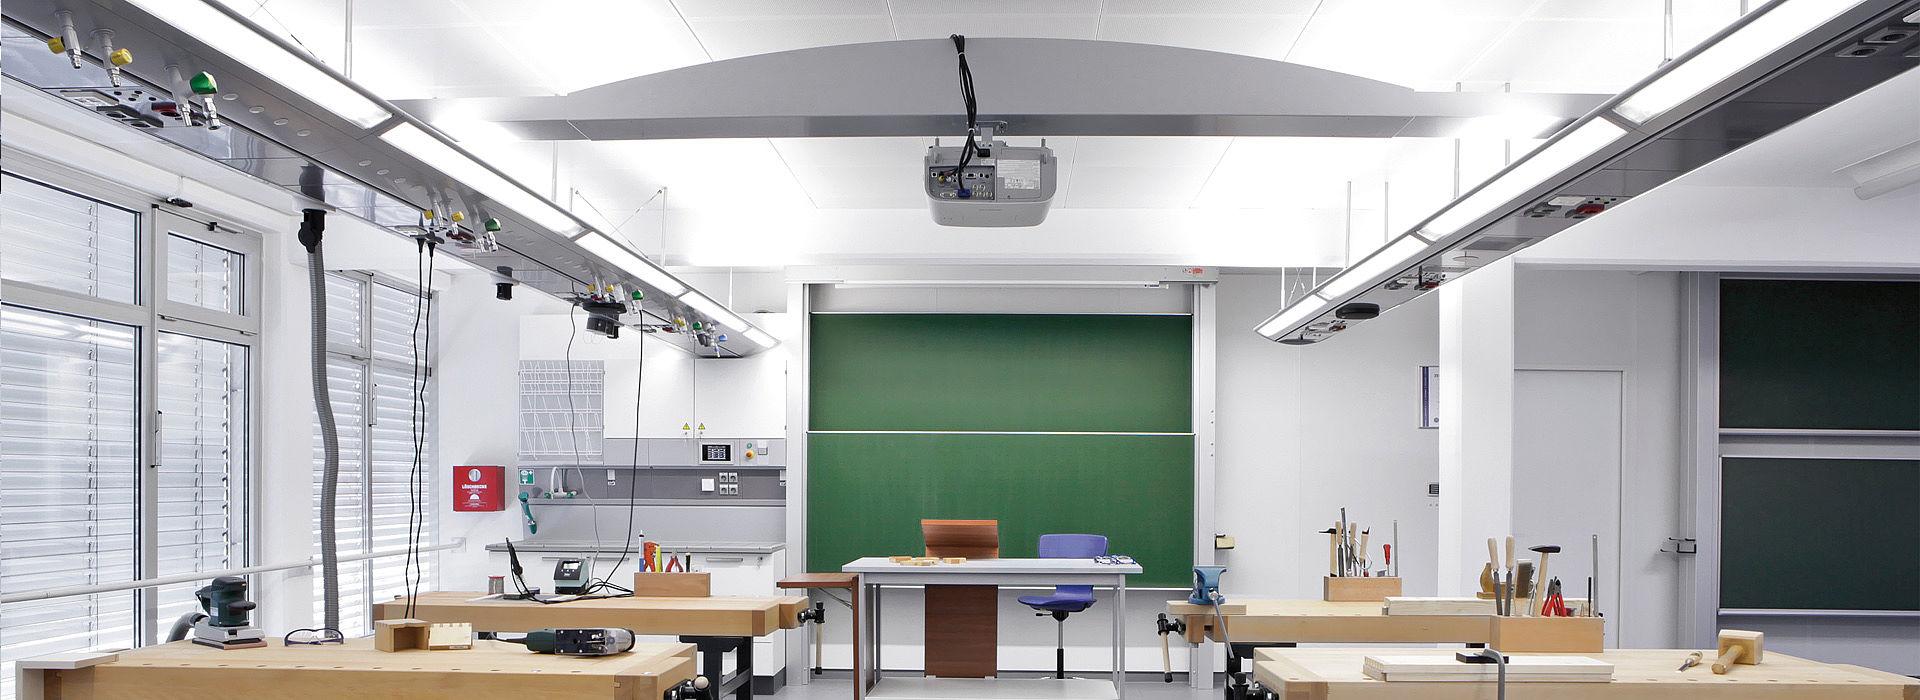 Bild: Medienflügel in der Werkstatt